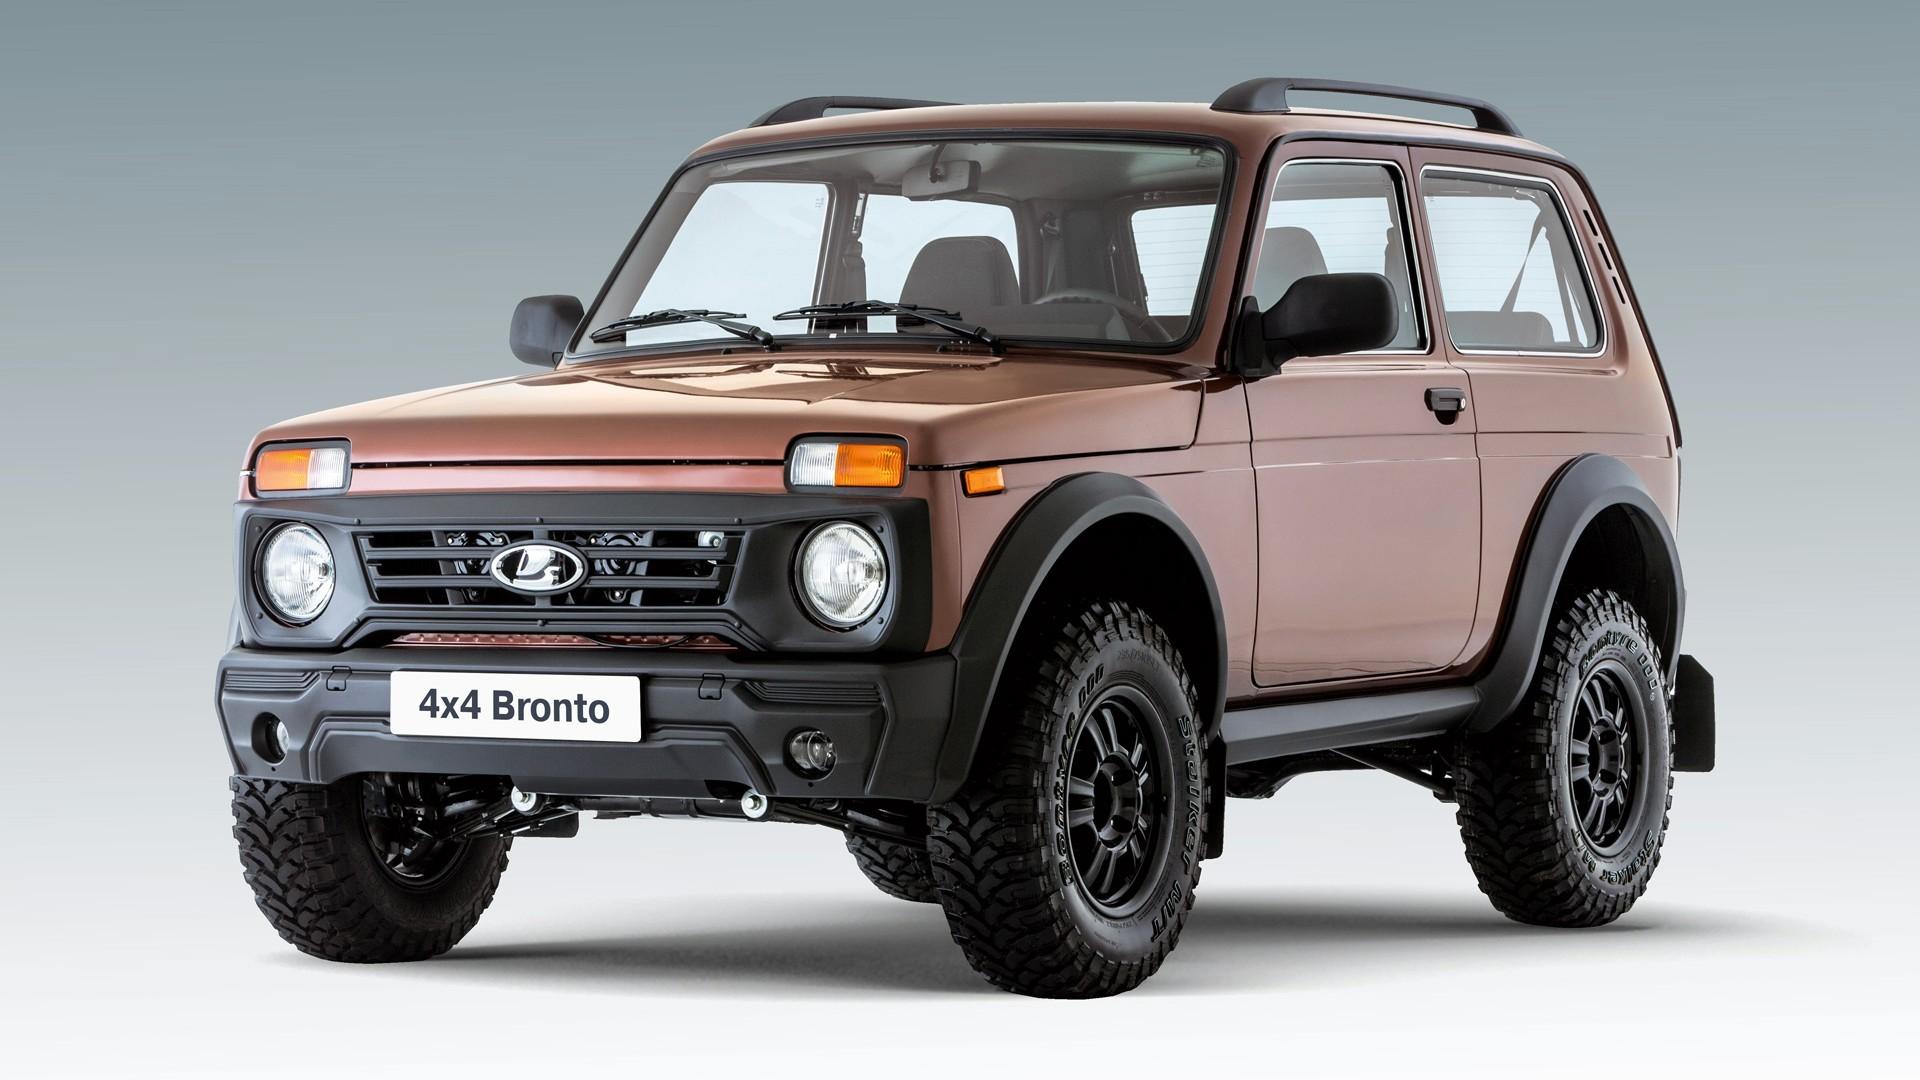 Lada Niva Bronto: l'ultima versione dell'iconico fuoristrada - Autoblog